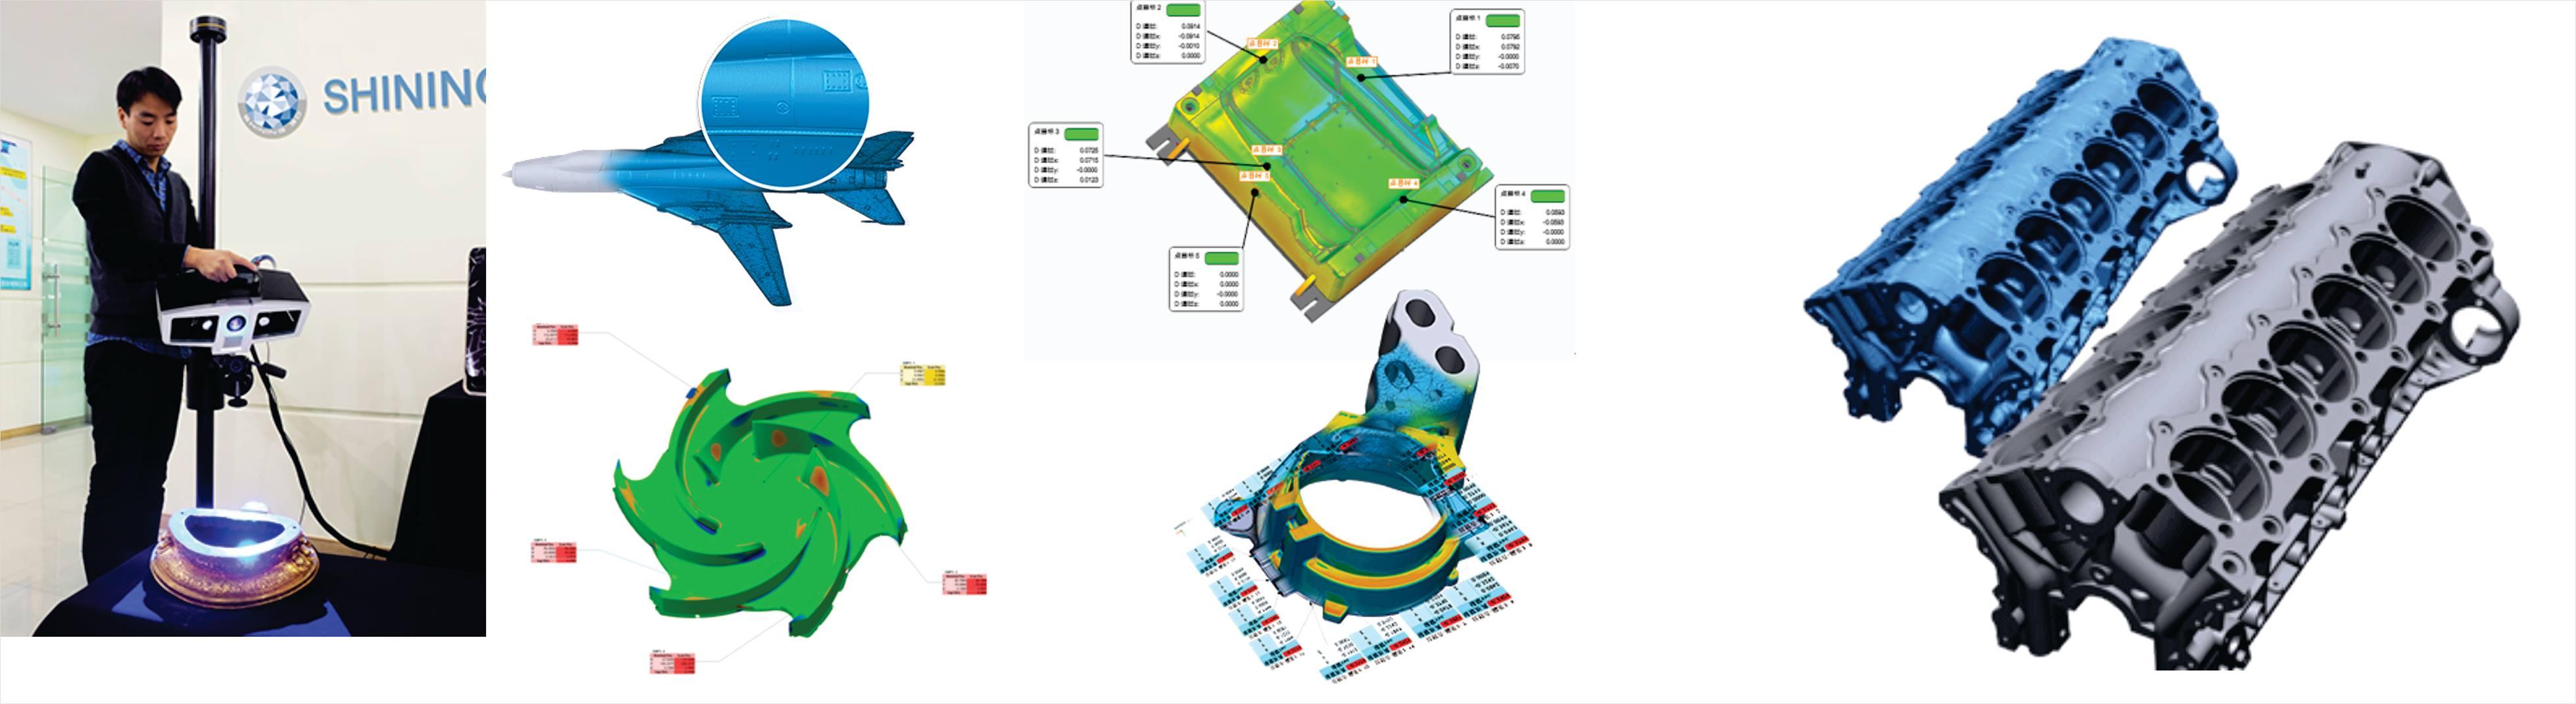 may-scan-3d-shining-inspection Máy scan 3D giá hợp lý ở Việt Nam. được nhiều doanh nghiệp Việt Nam tin dùng. Xem ngay để chọn được máy scan 3D (máy quét 3d) phù hợp nhất Việt Nam.